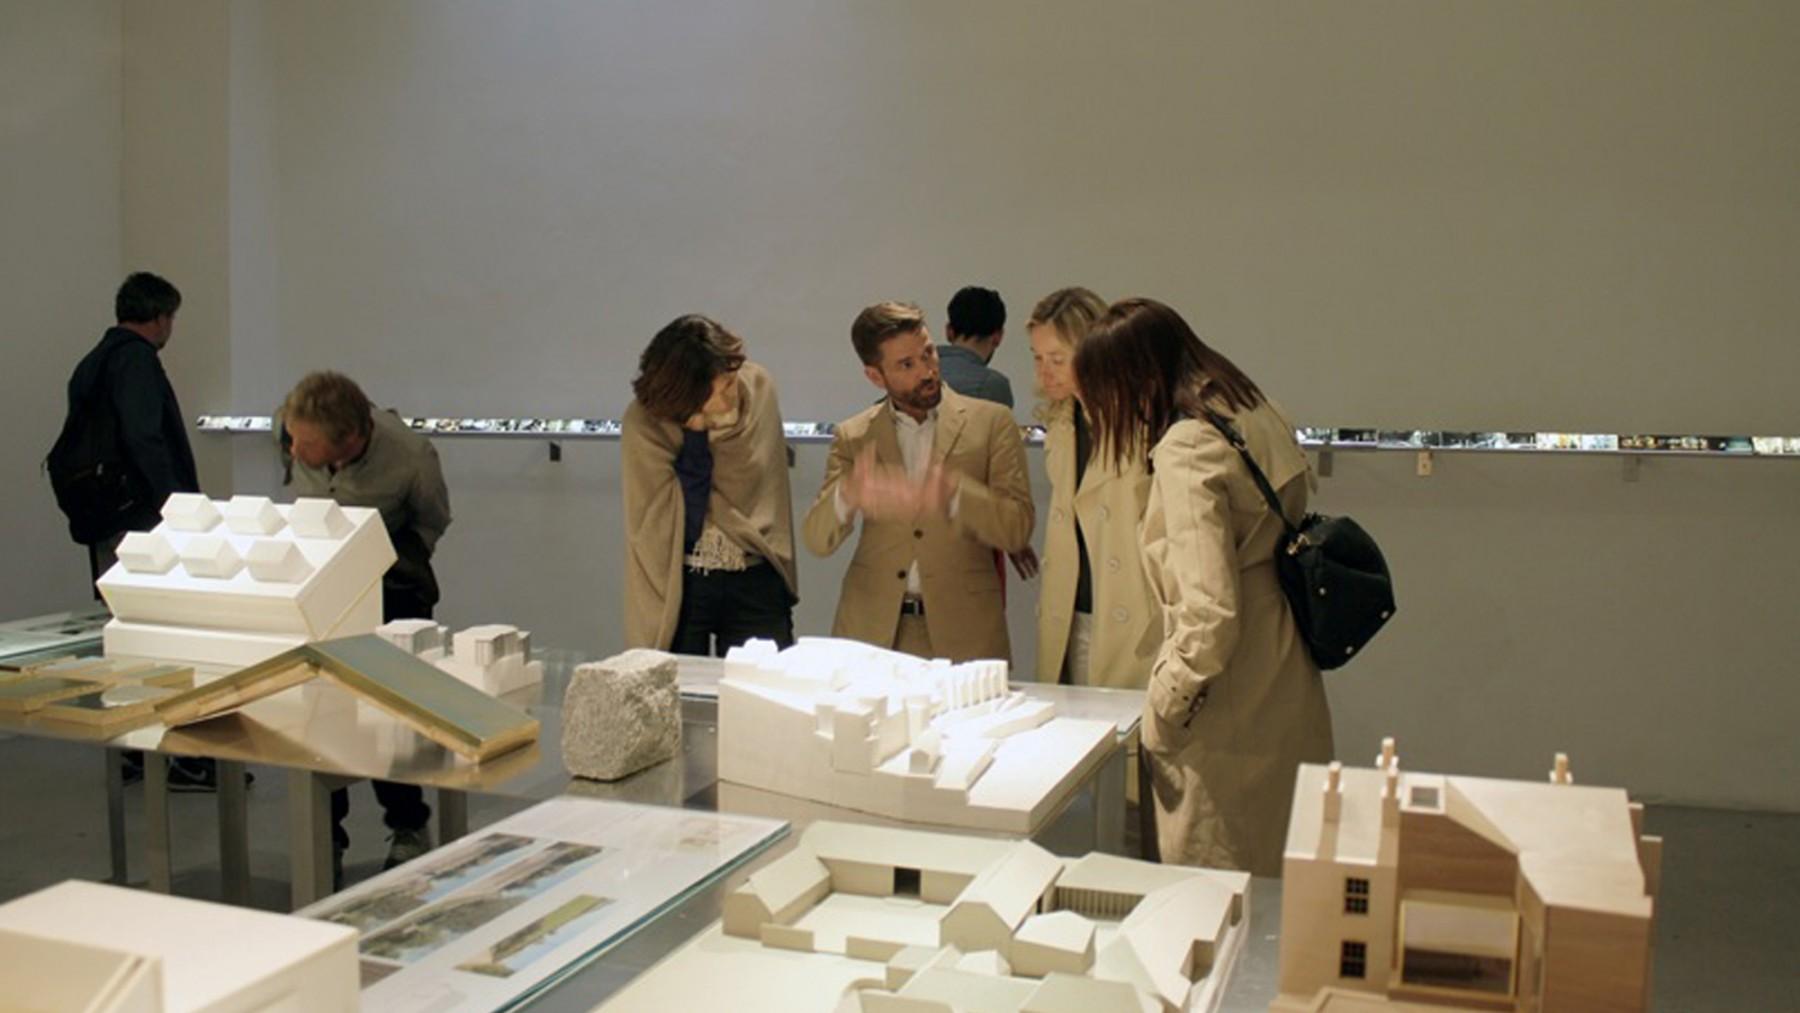 Jamie-Fobert-Architects- Exhibition-vernissage- Paris- Galerie-d'architecture- Jamie-explaining-models